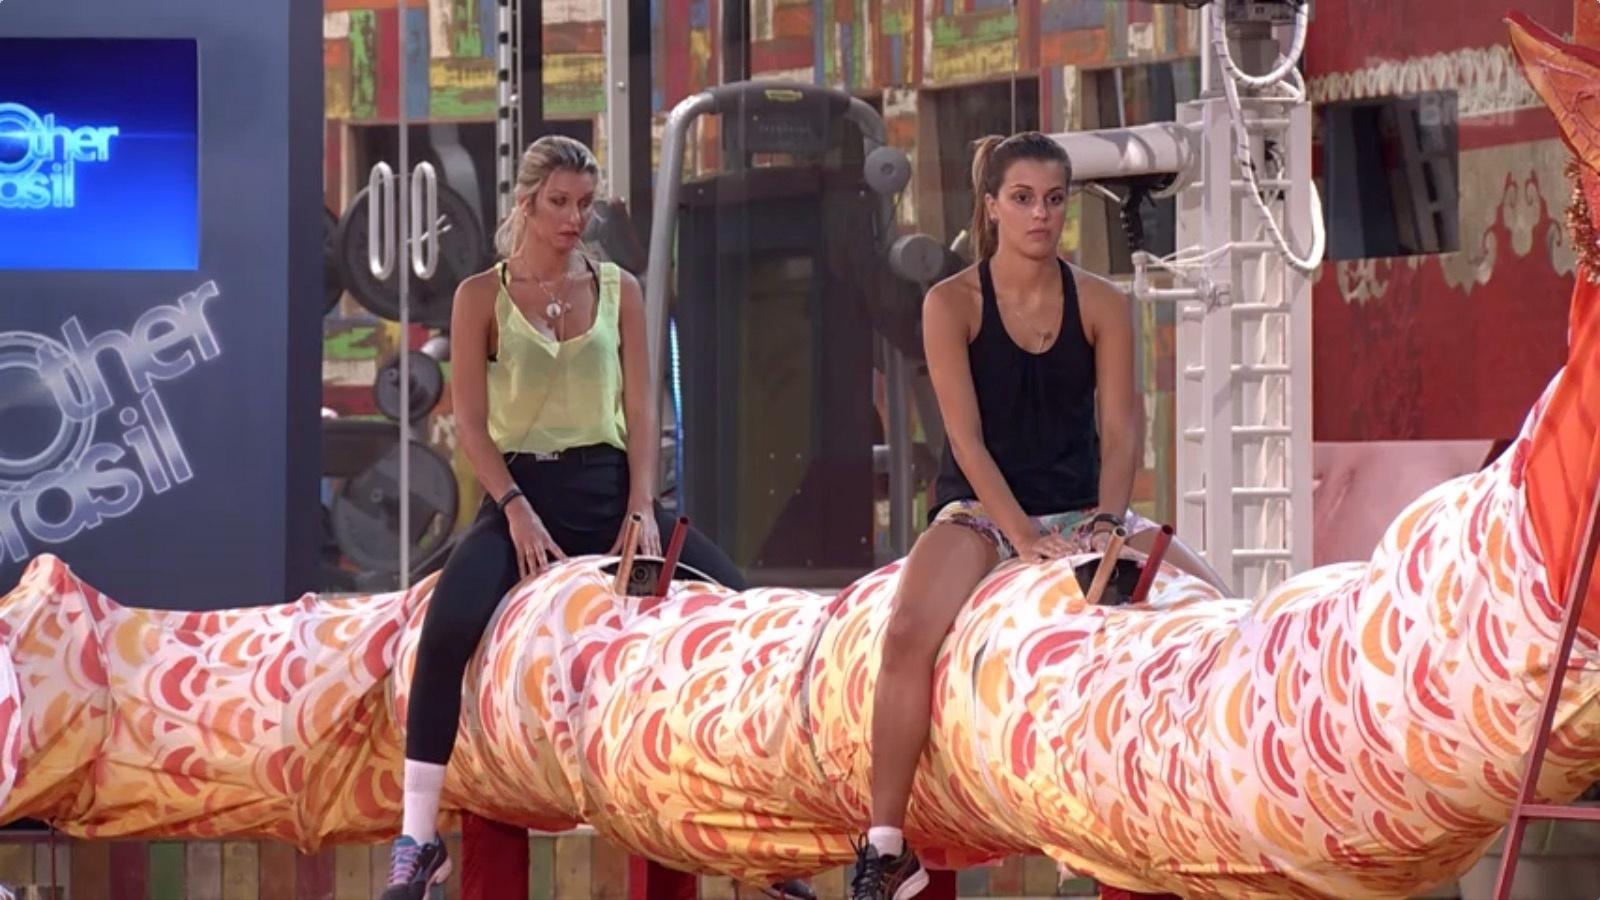 13.fev.2014 - Tatiele e Angela também se concentraram durante a prova de equilíbrio e resistência na disputa pelo líder do